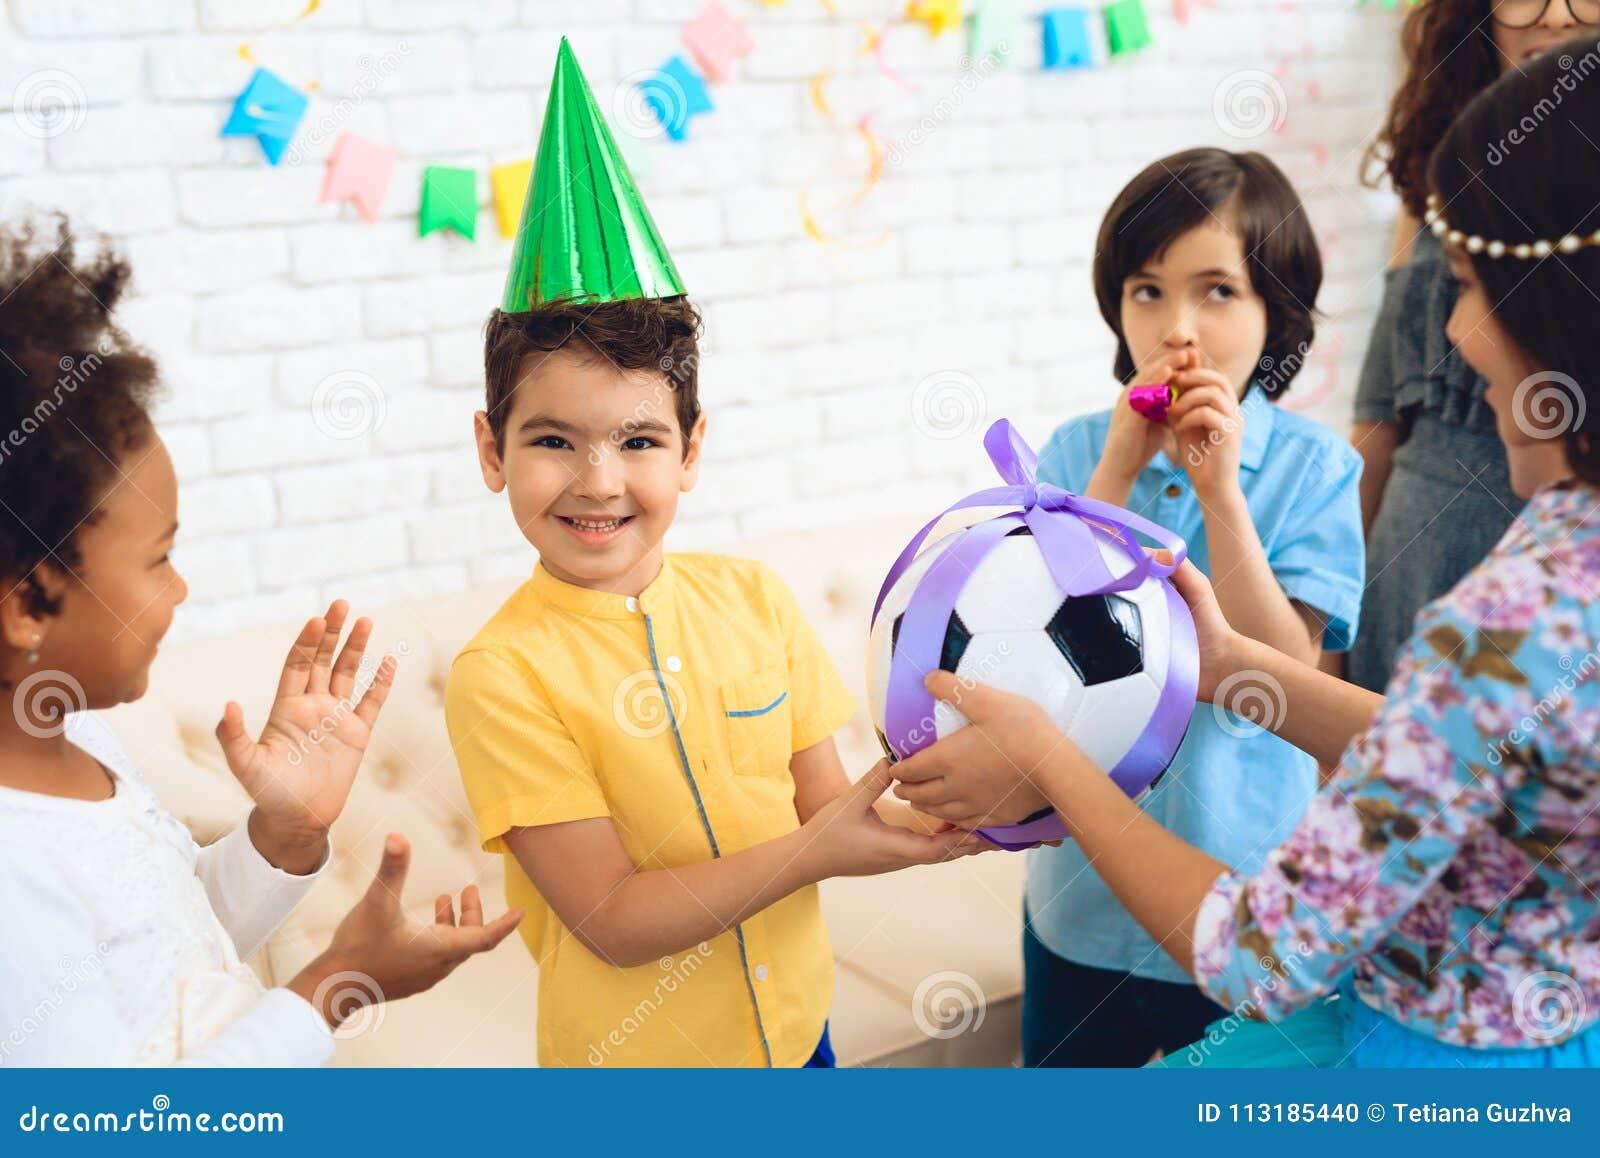 Pojken för den lyckliga födelsedagen mottar fotbollbollen som födelsedaggåvan lycklig deltagare för födelsedag